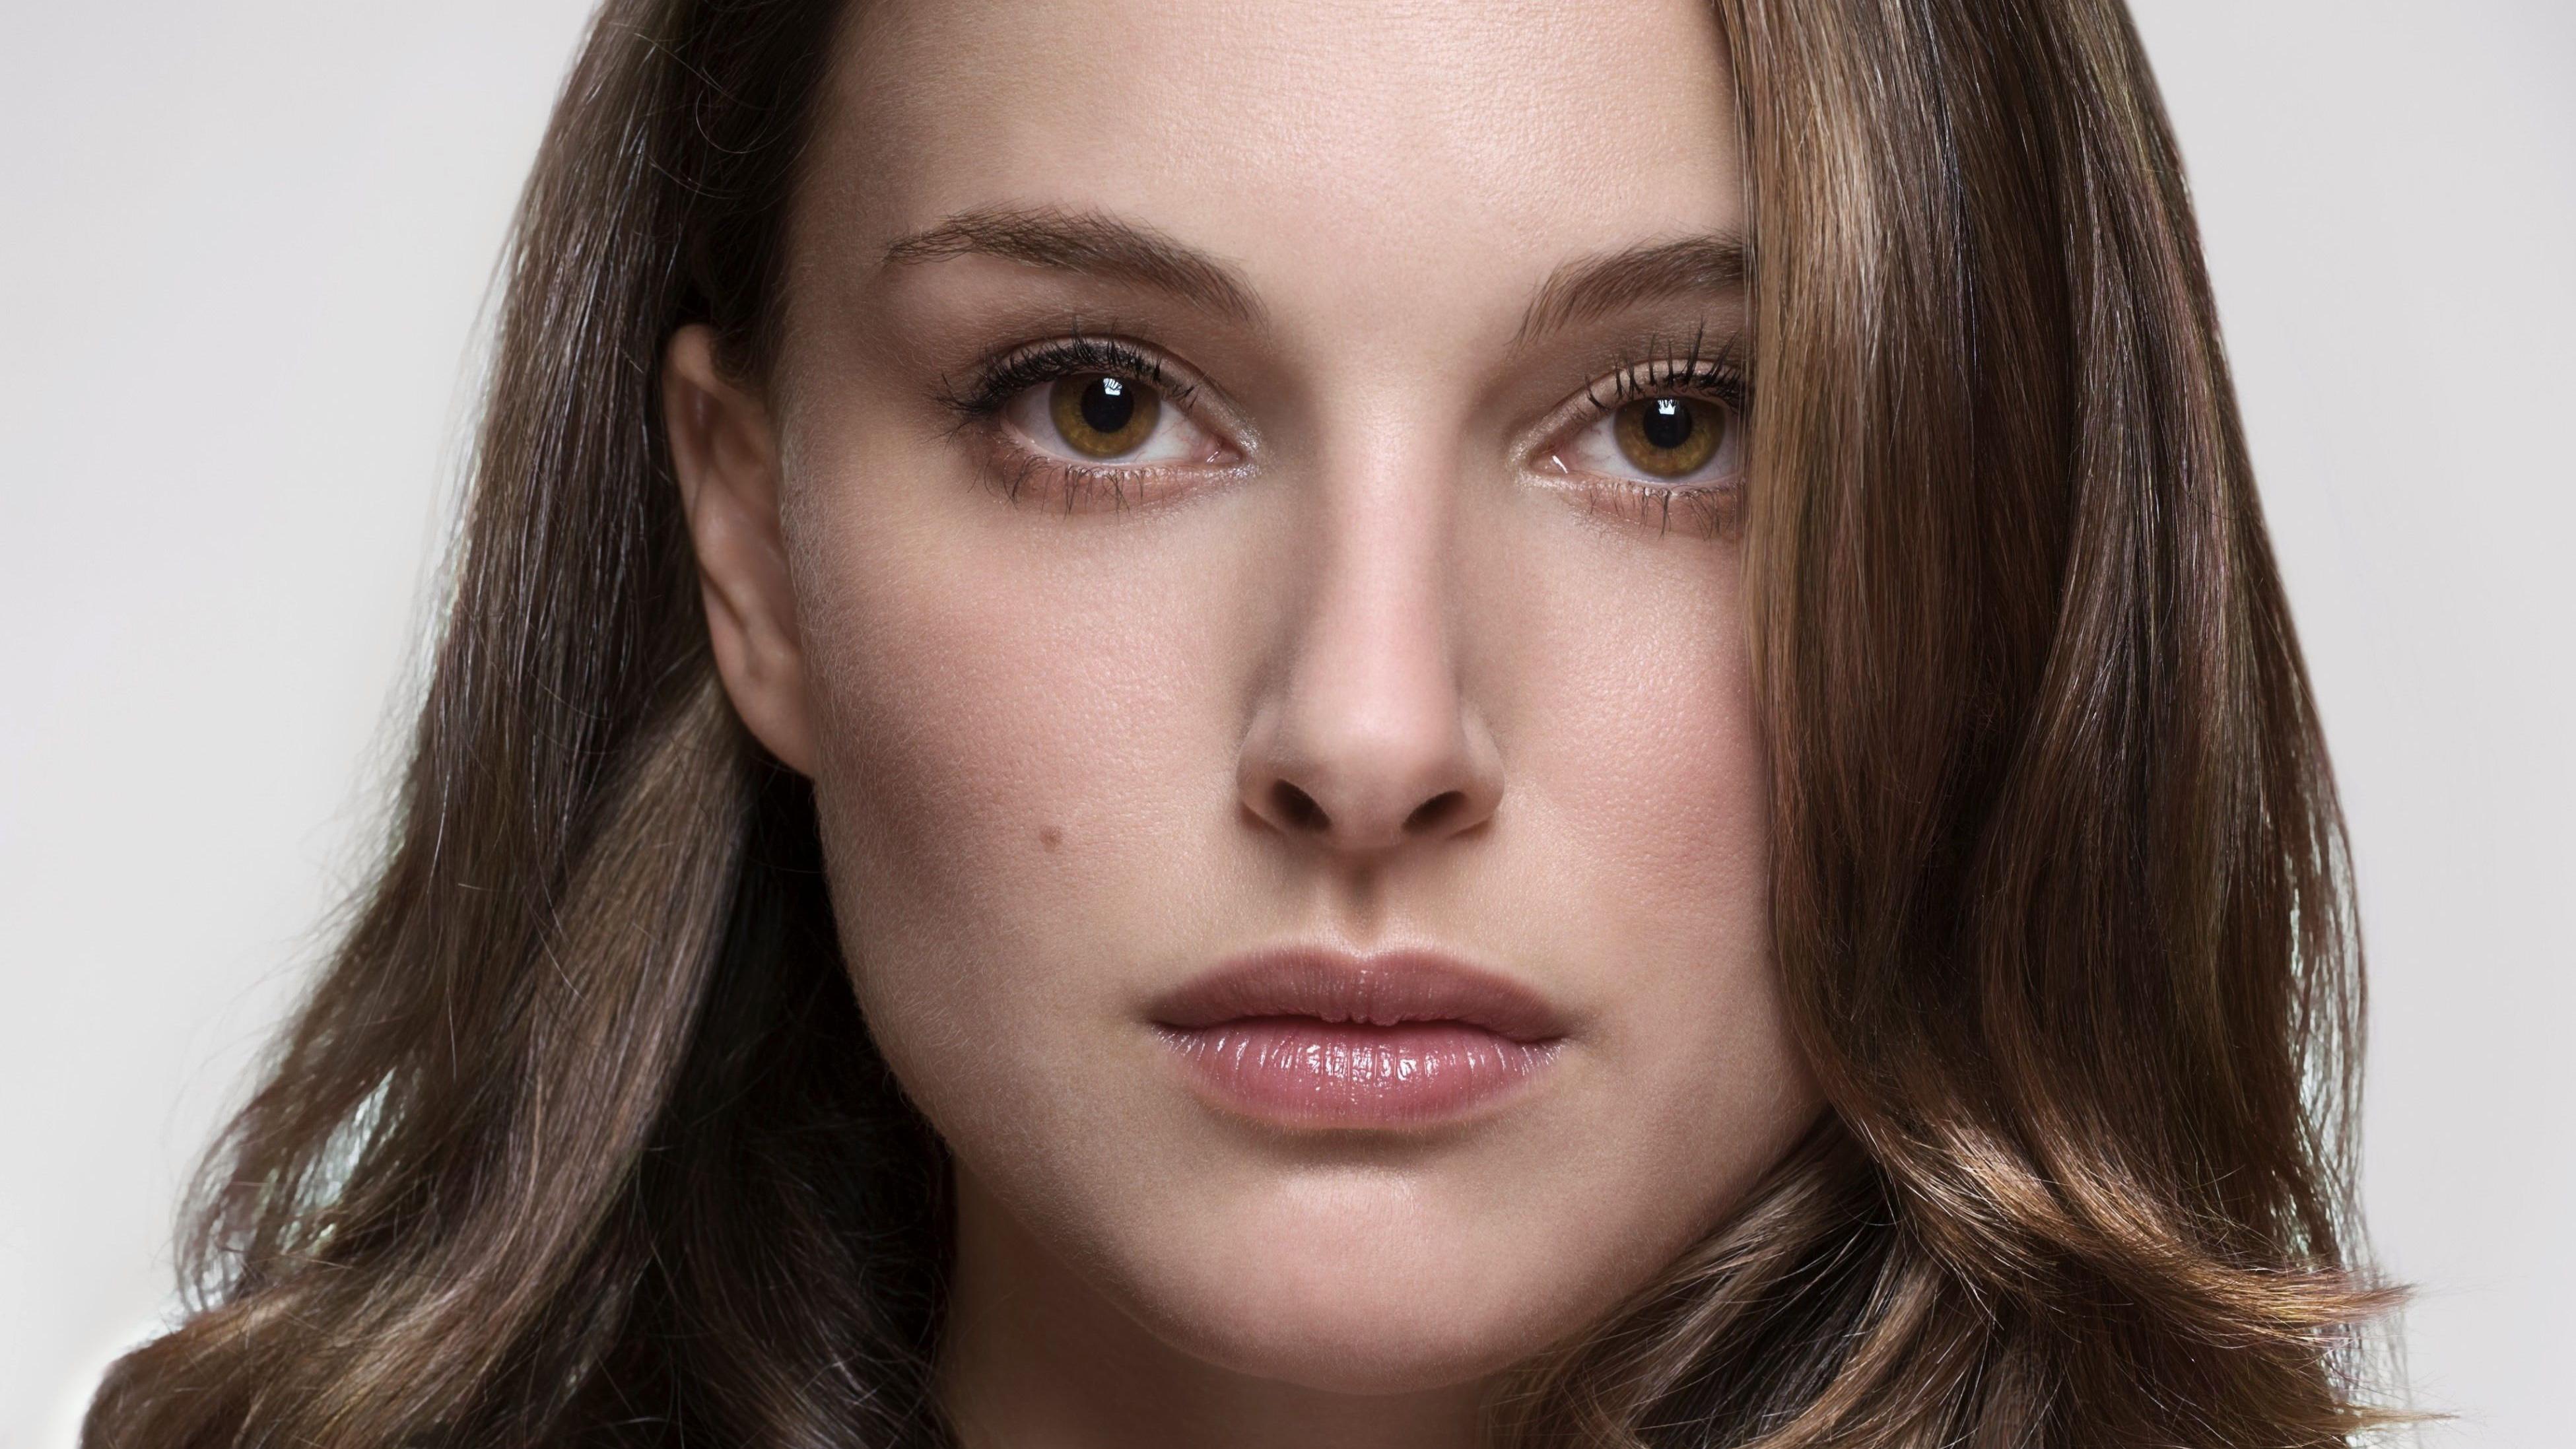 Wallpaper Natalie Portman Hd 4k Celebrities 8565